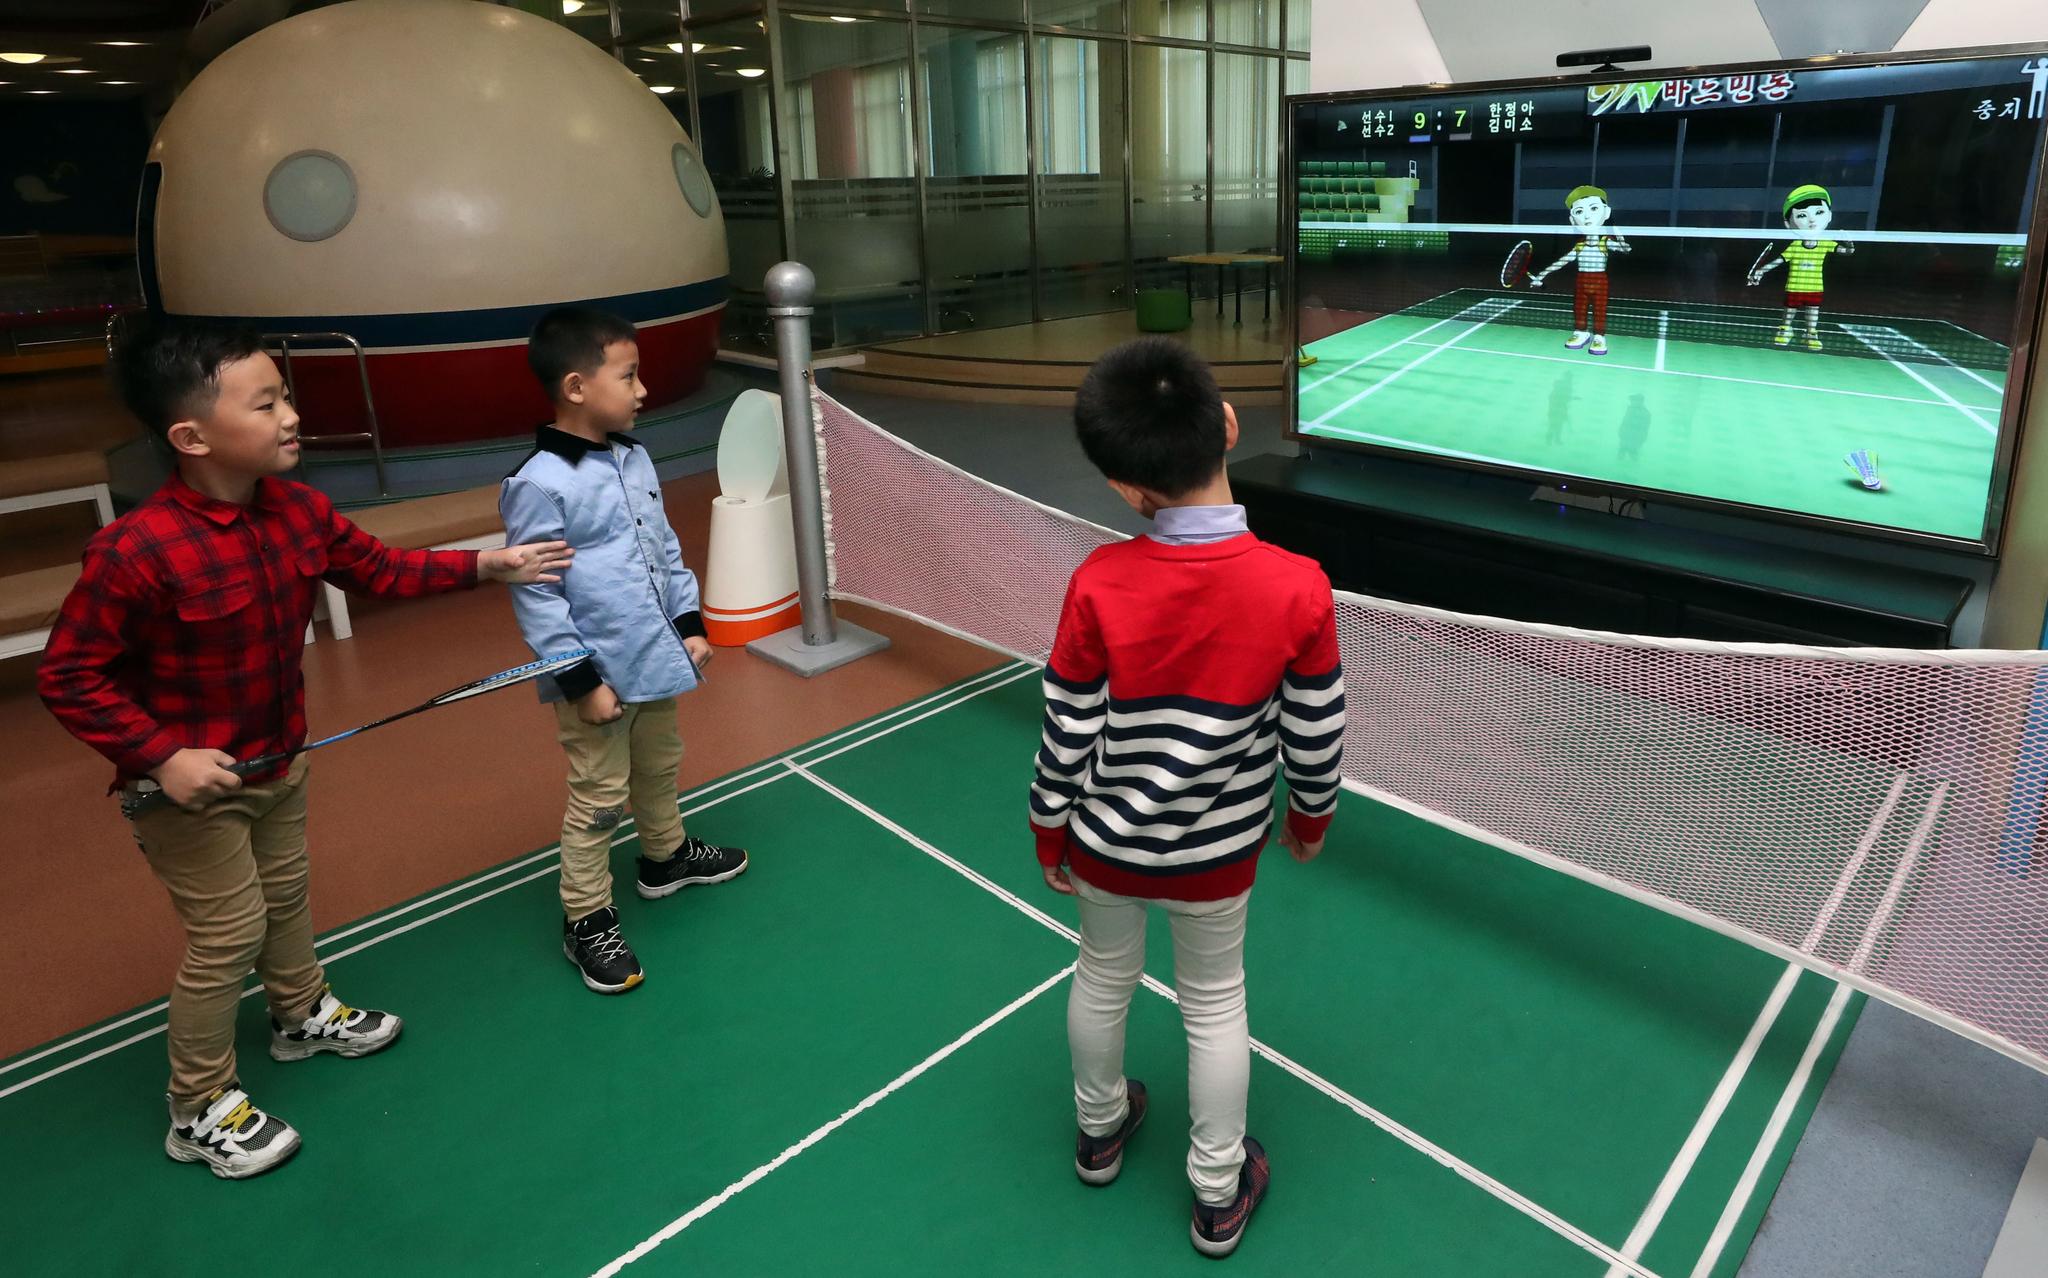 어린이들이 지난 4일 오후 평양 과학기술전당에서 바드민돈(베드민턴) 게임을 하고 있다. 평양사진공동취재단